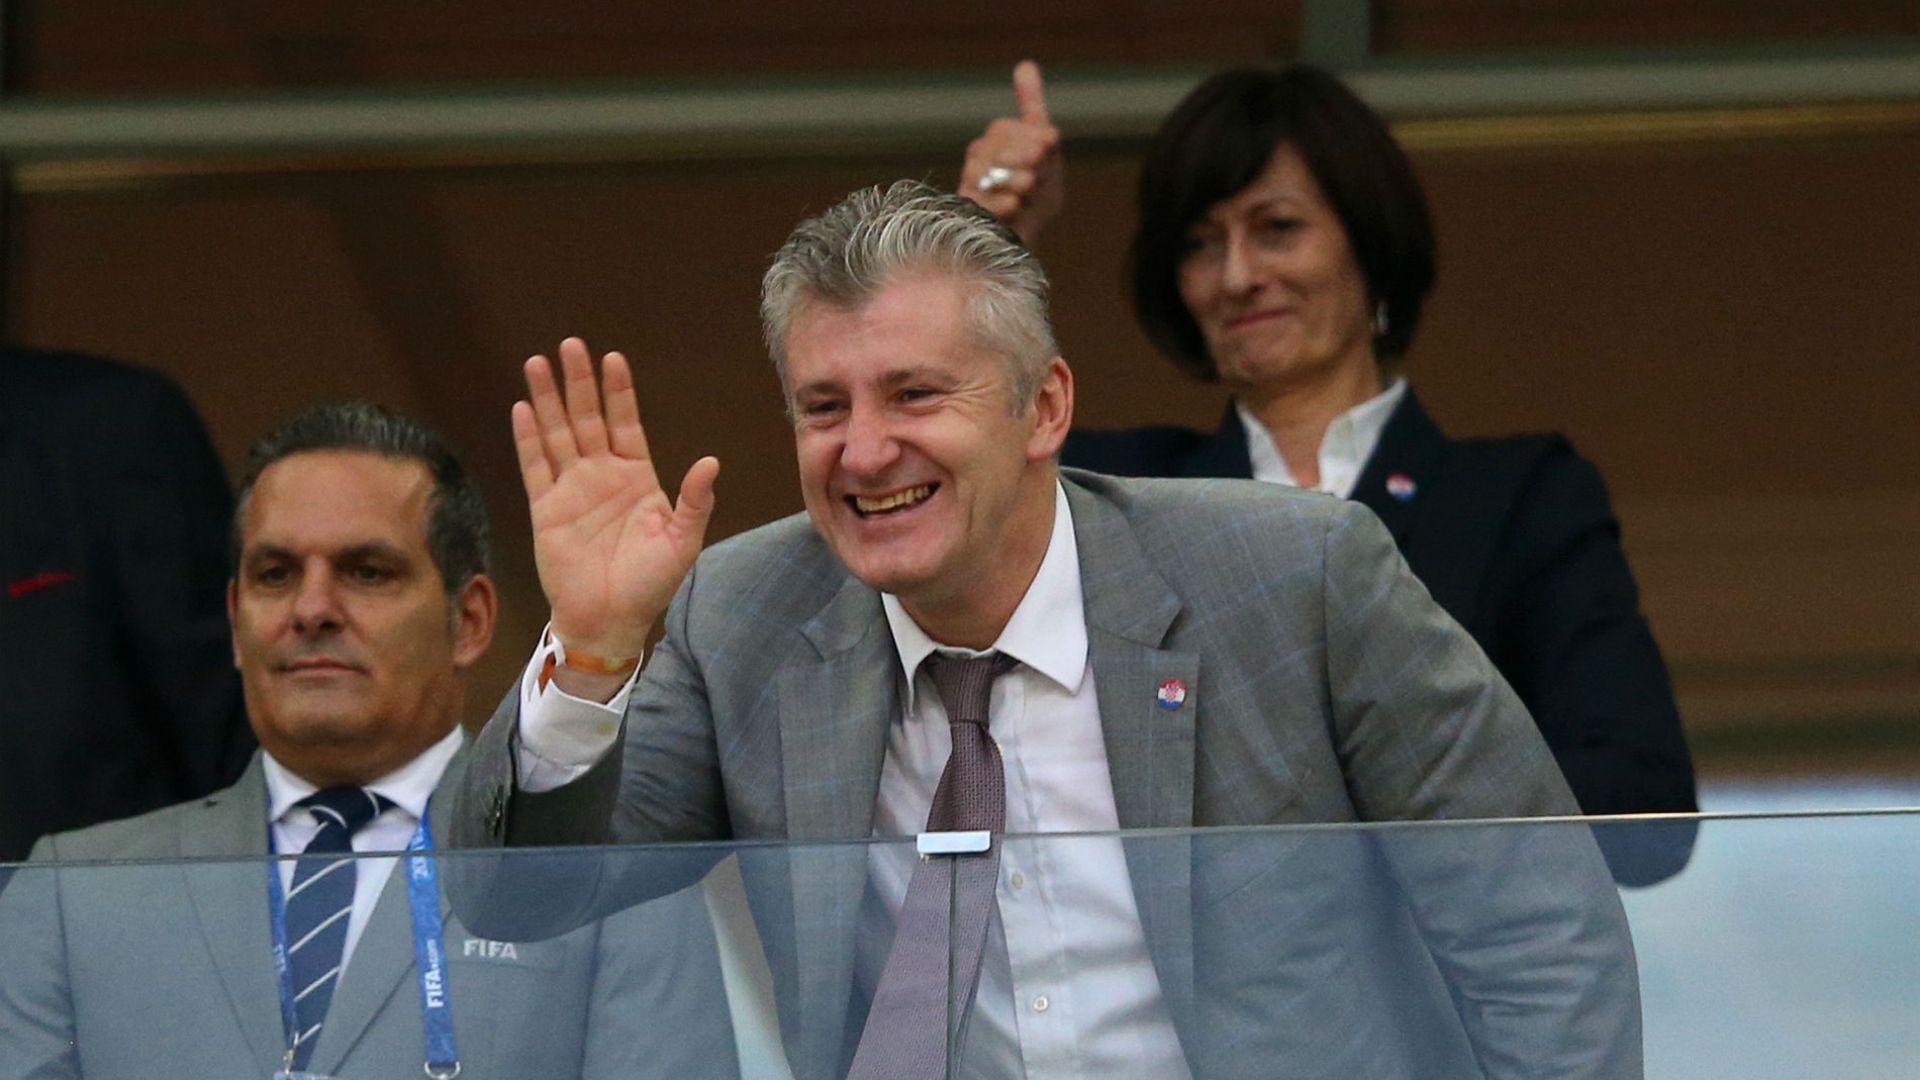 Давор Шукер: По време на мача с Русия трябваше да пийна водка за сърцето